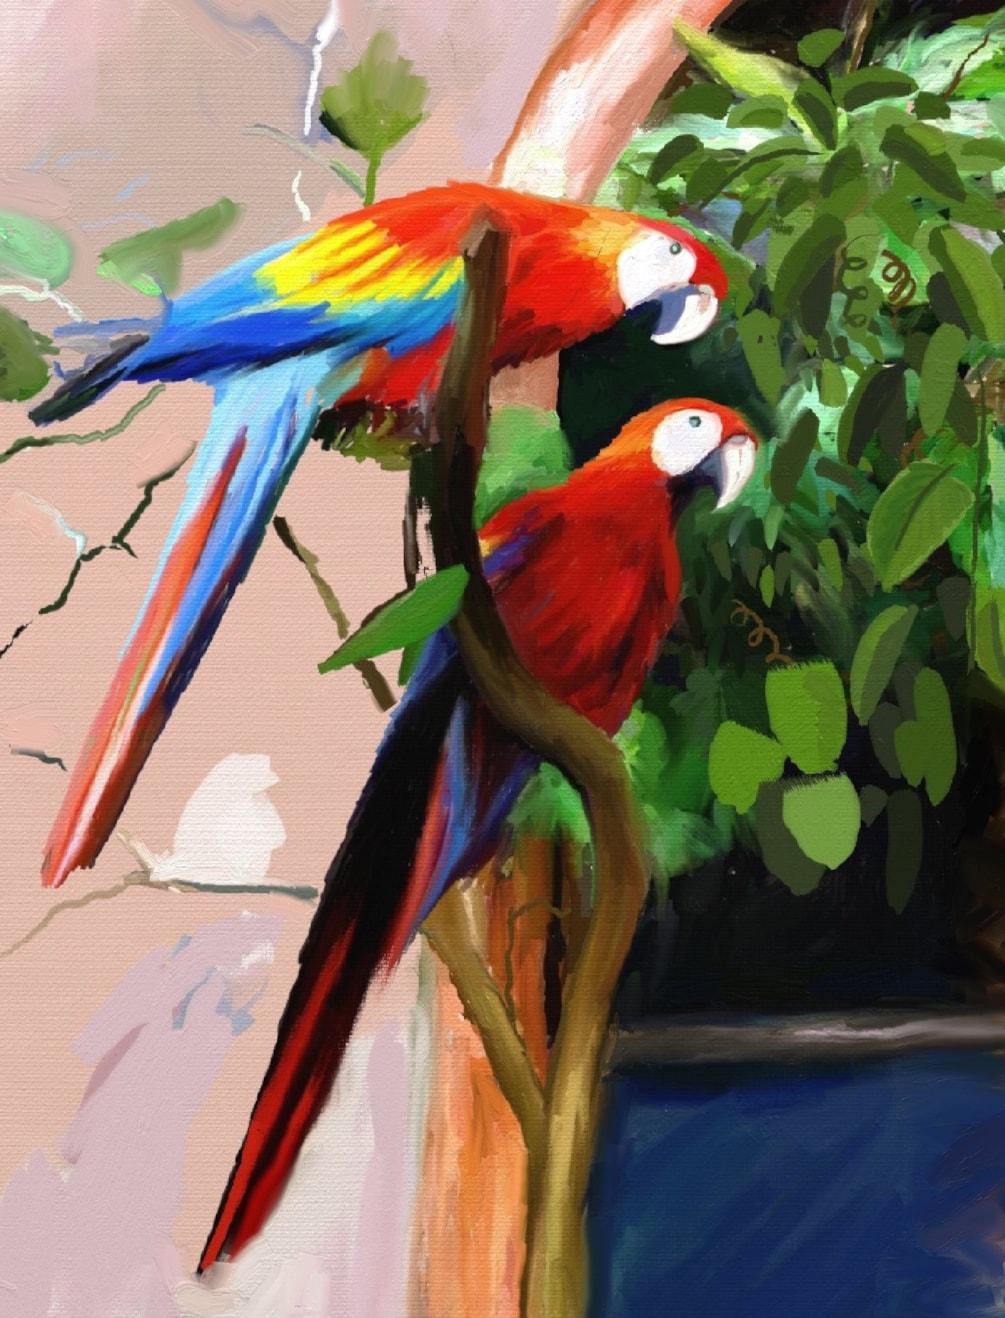 A Pair 'O Parrots